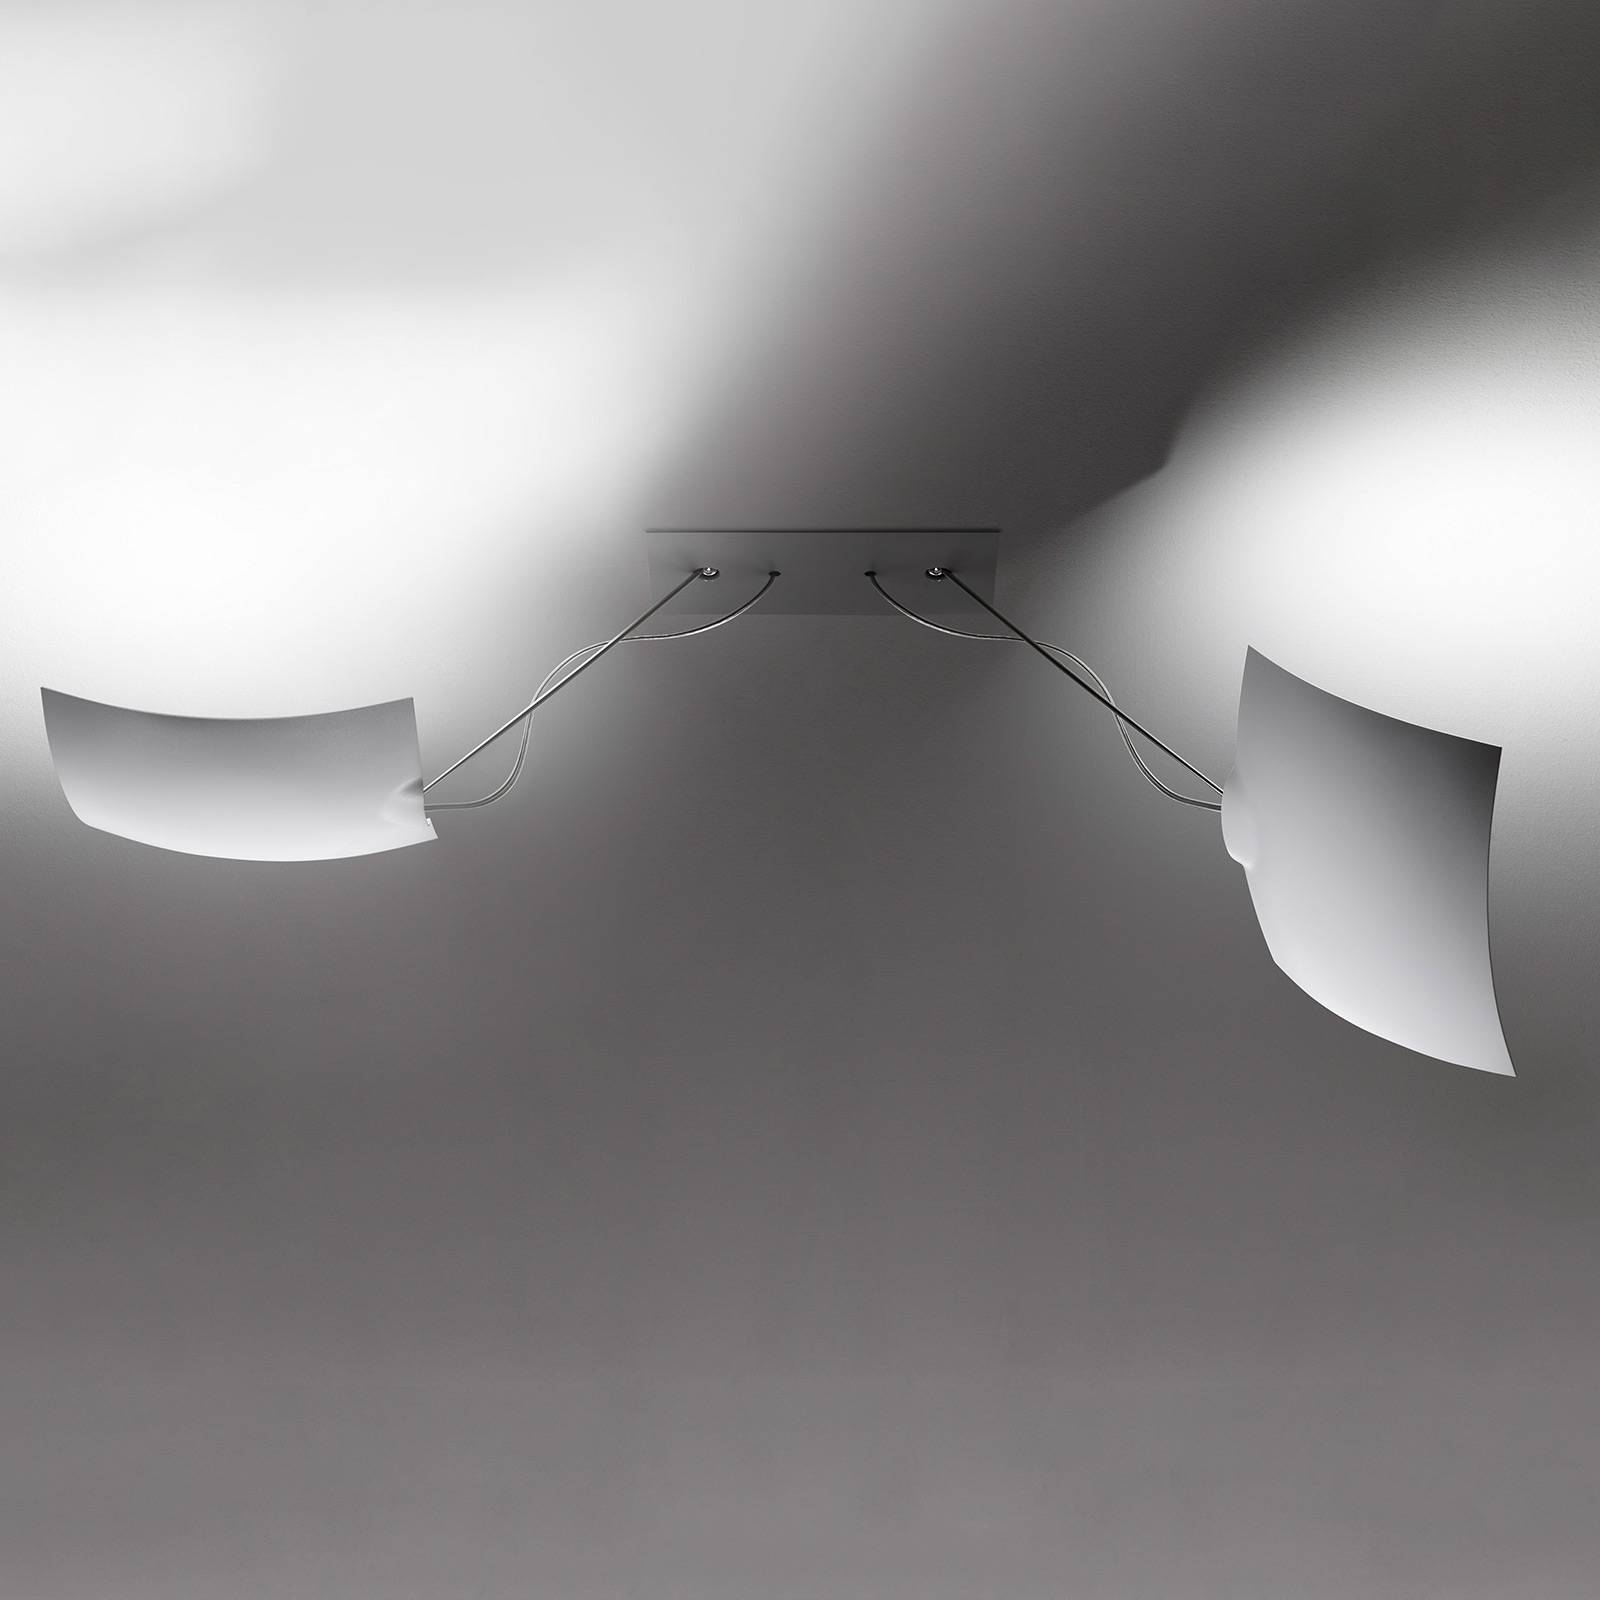 Ingo Maurer 2x18x18-LED-kattovalaisin 2-lamppuinen